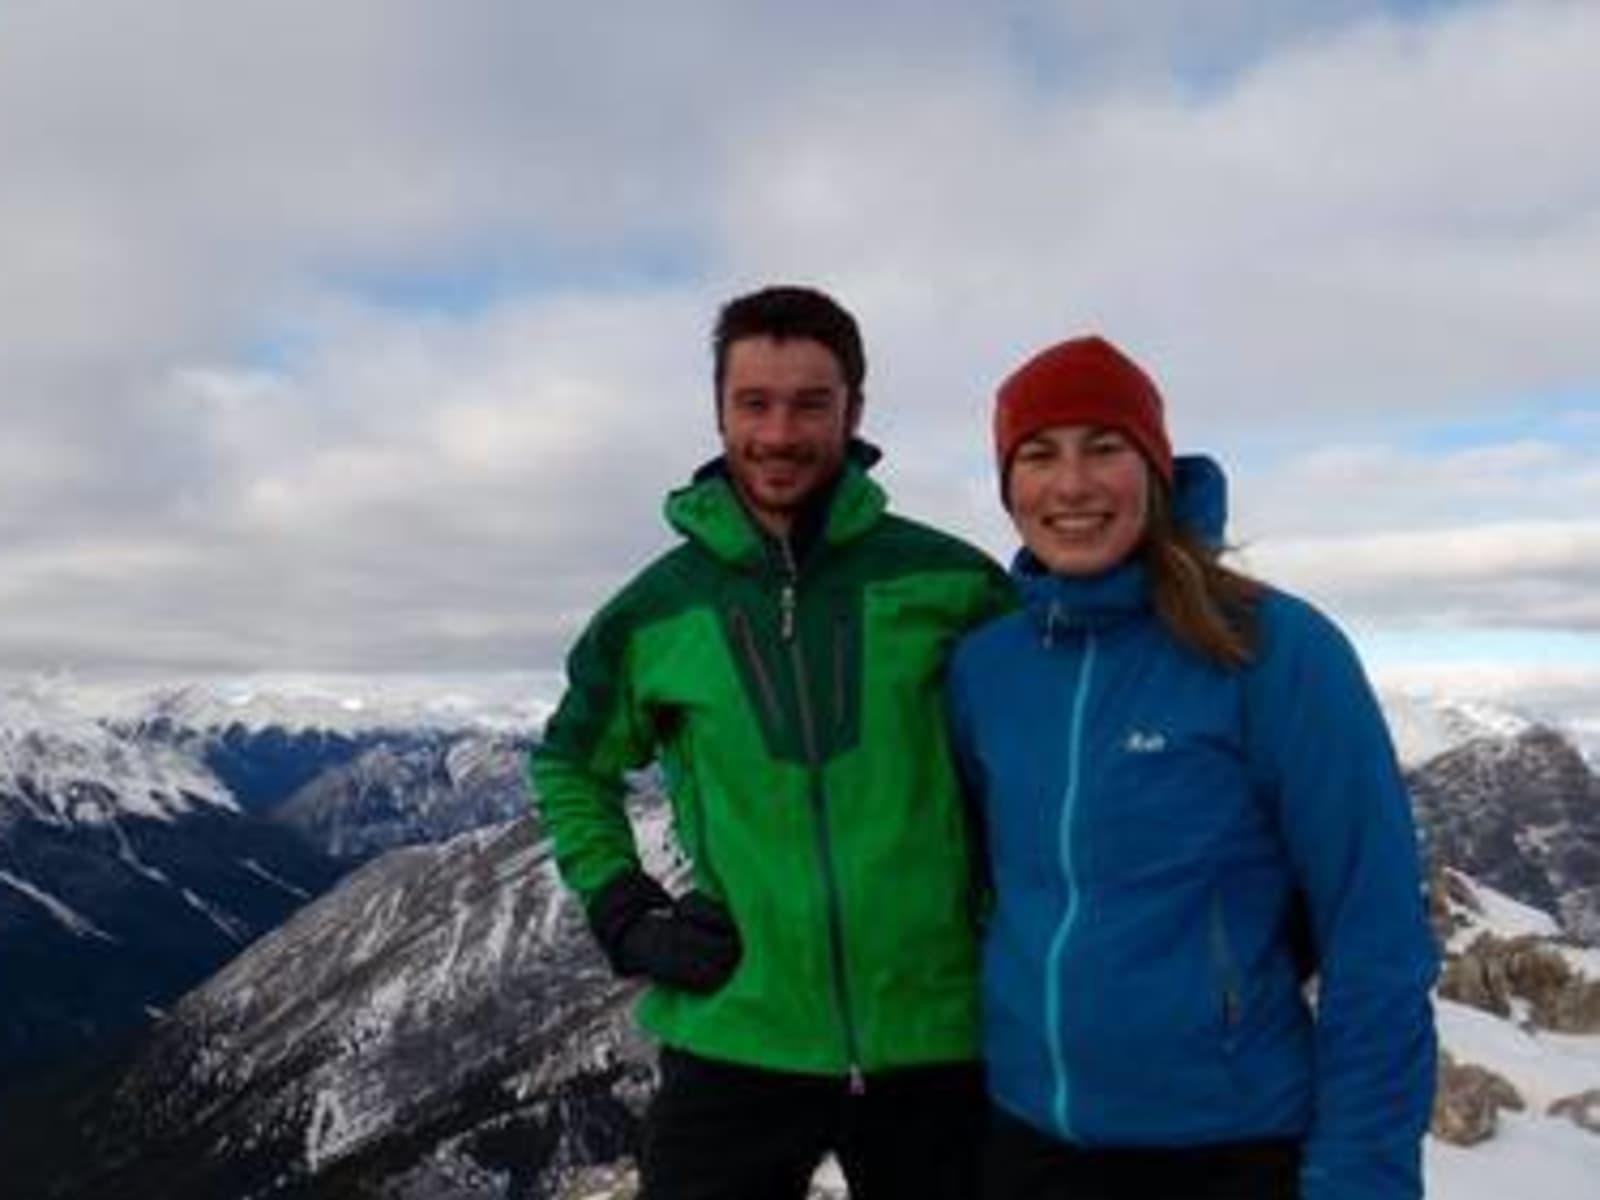 Maria & Neil from Squamish, British Columbia, Canada